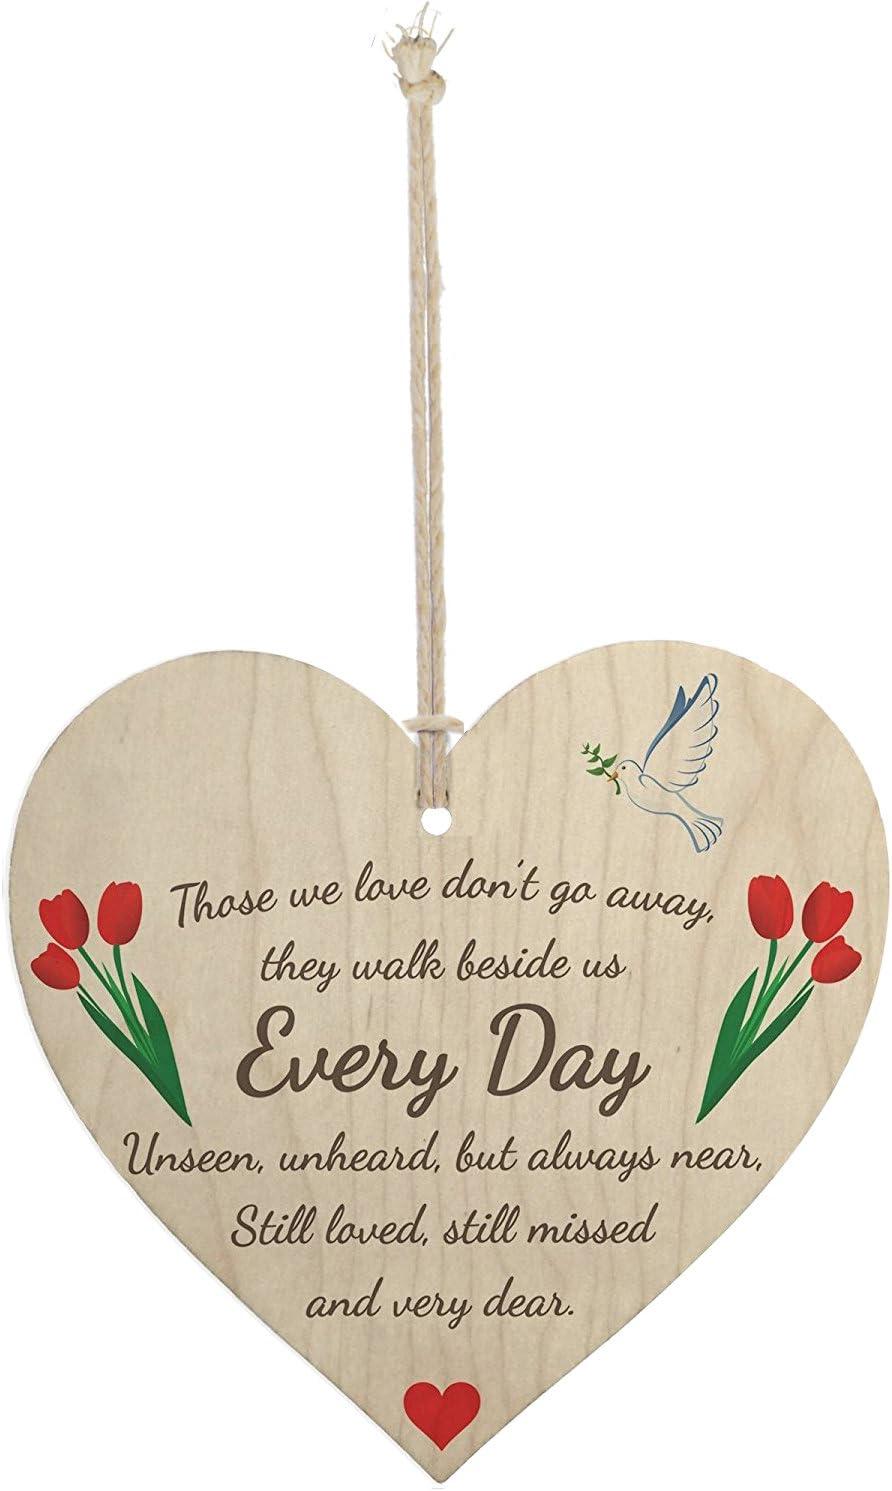 Meijiafei Those We Love Don't Go Away Wooden Hanging Heart Memorial Plaque Heaven Sign